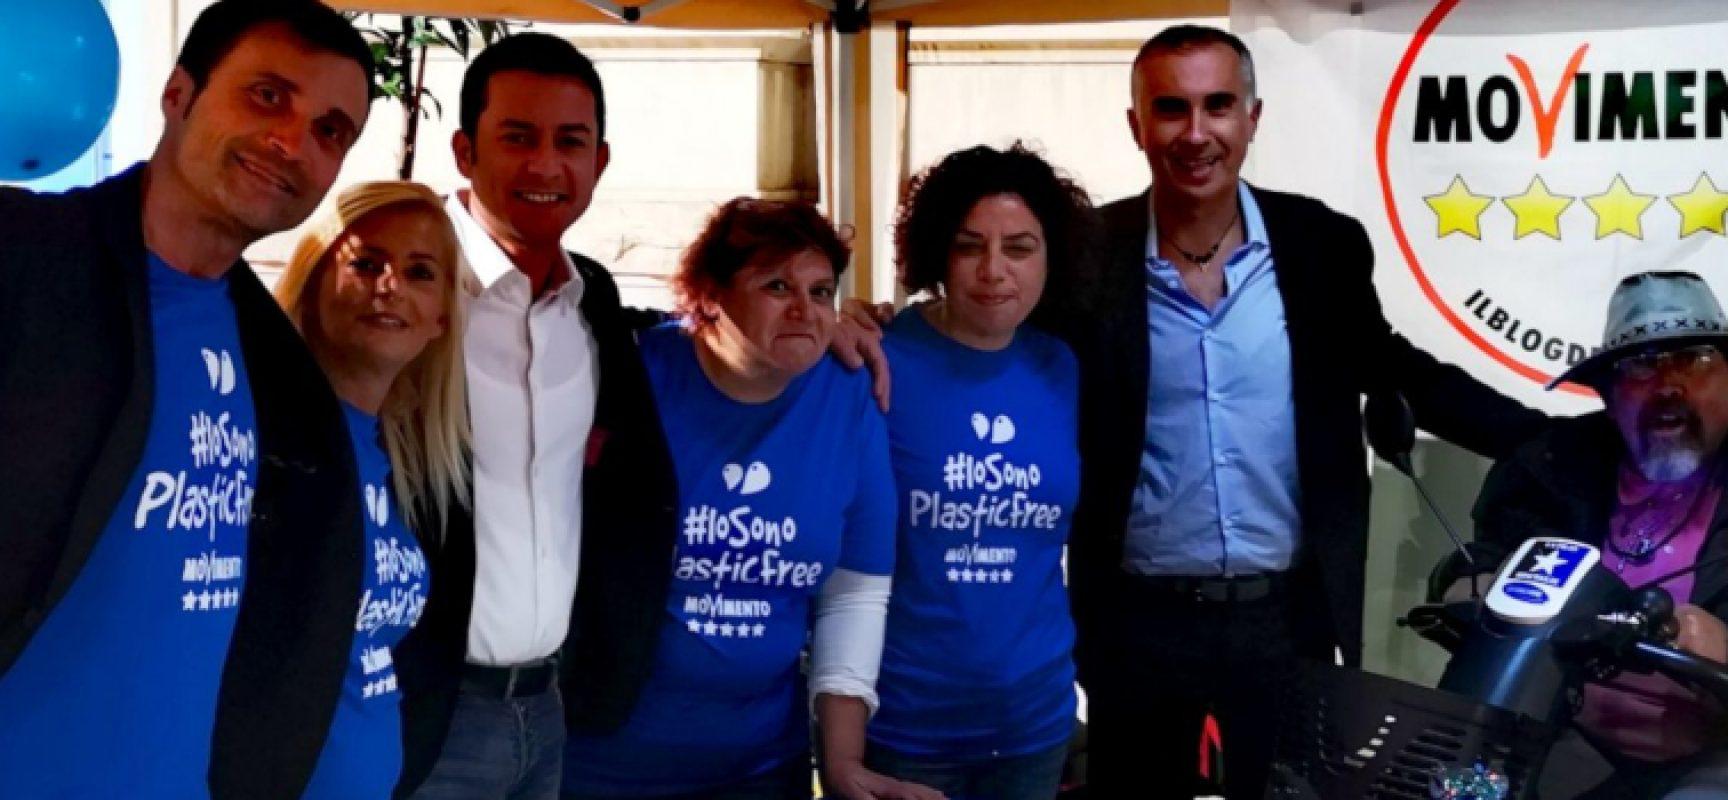 """""""Plastic Free"""", Meetup Bisceglie 5 stelle raccoglie firme per sostenere progetto"""